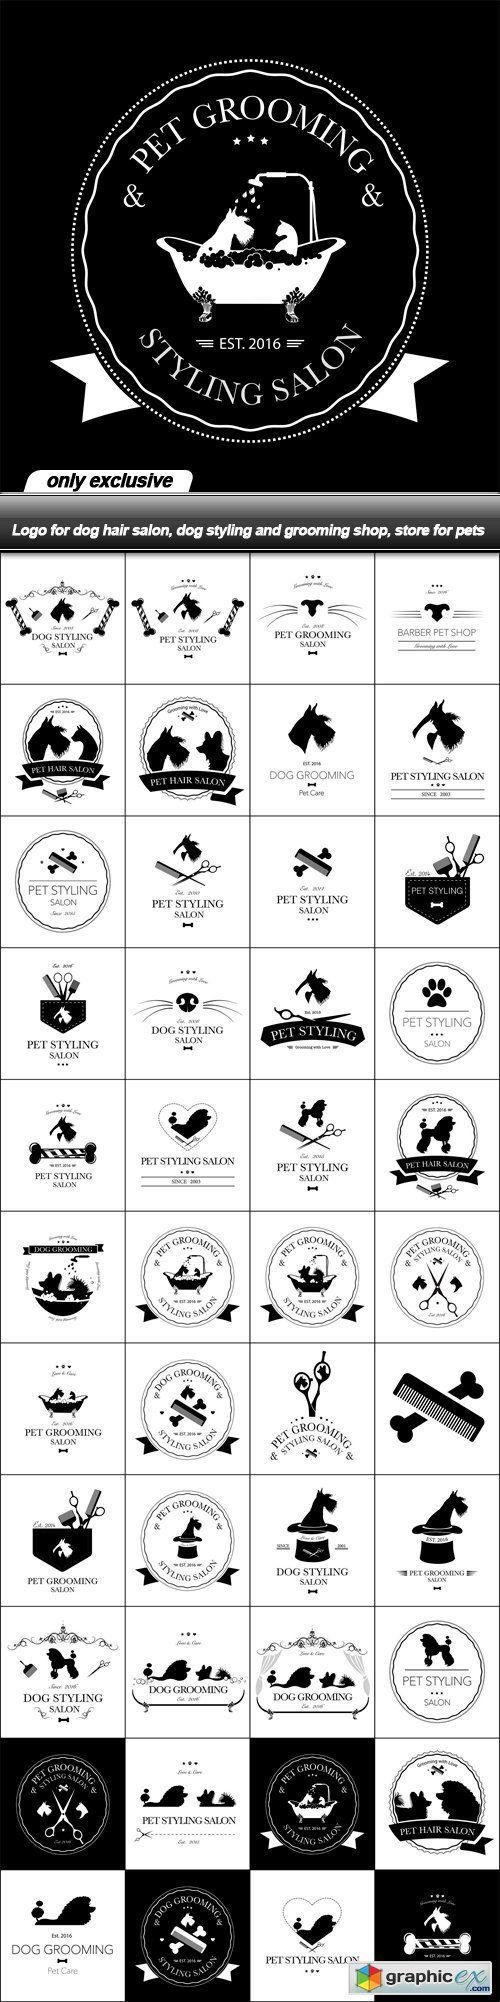 Les 25 meilleures id es de la cat gorie salon toilettage sur pinterest salon de toilettage - Le salon de toilettage petshop ...